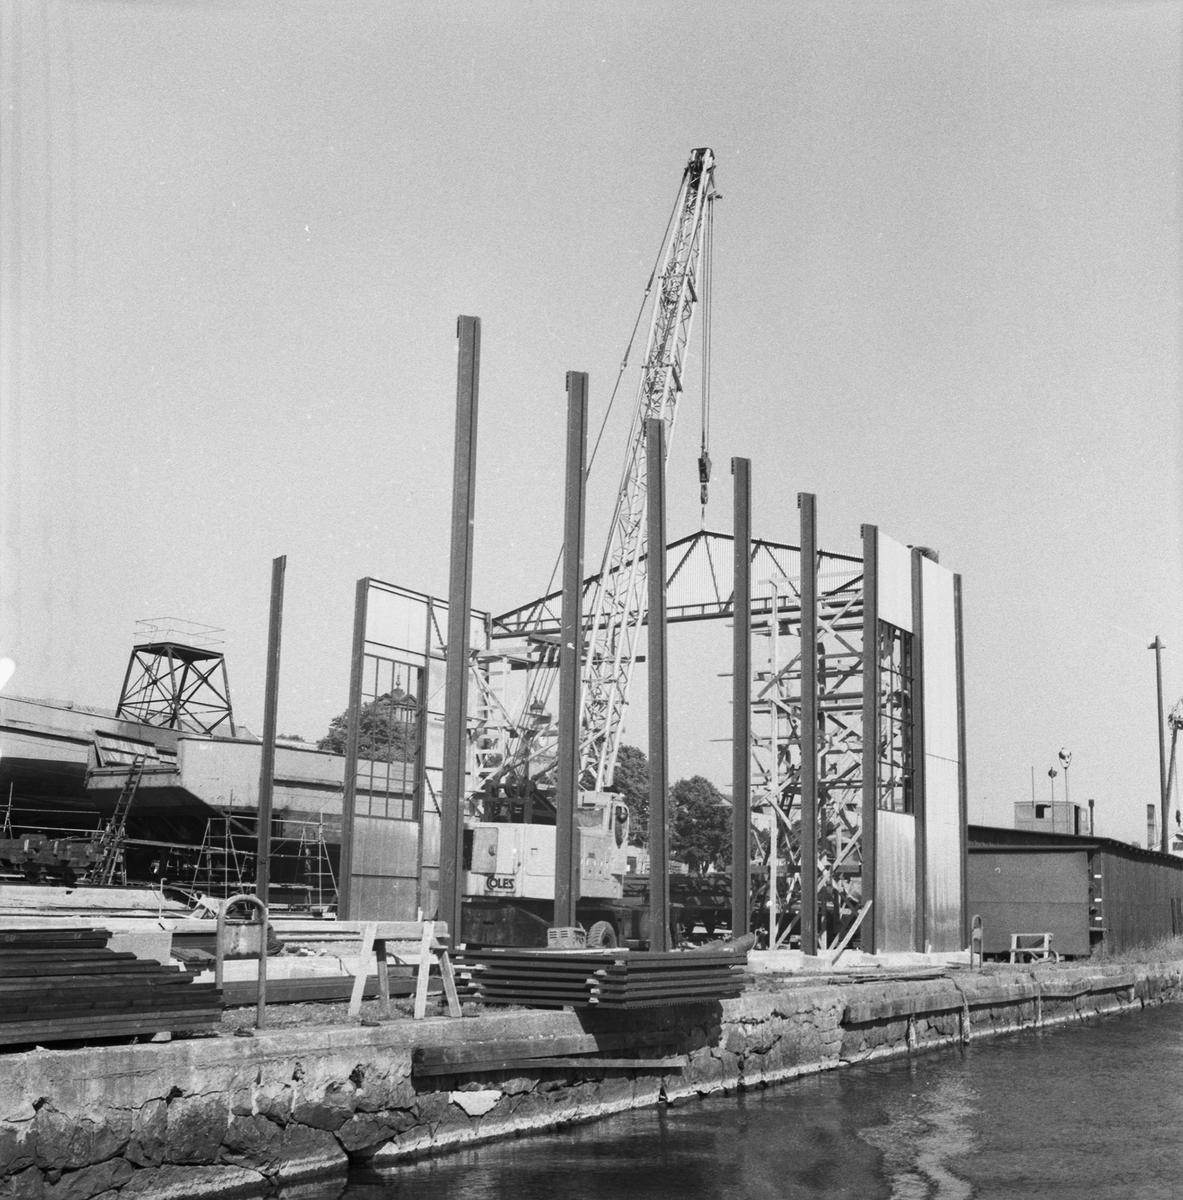 Övrigt: Fotodatum:20/8 1959 Byggnader och Kranar. Skjul å slipen